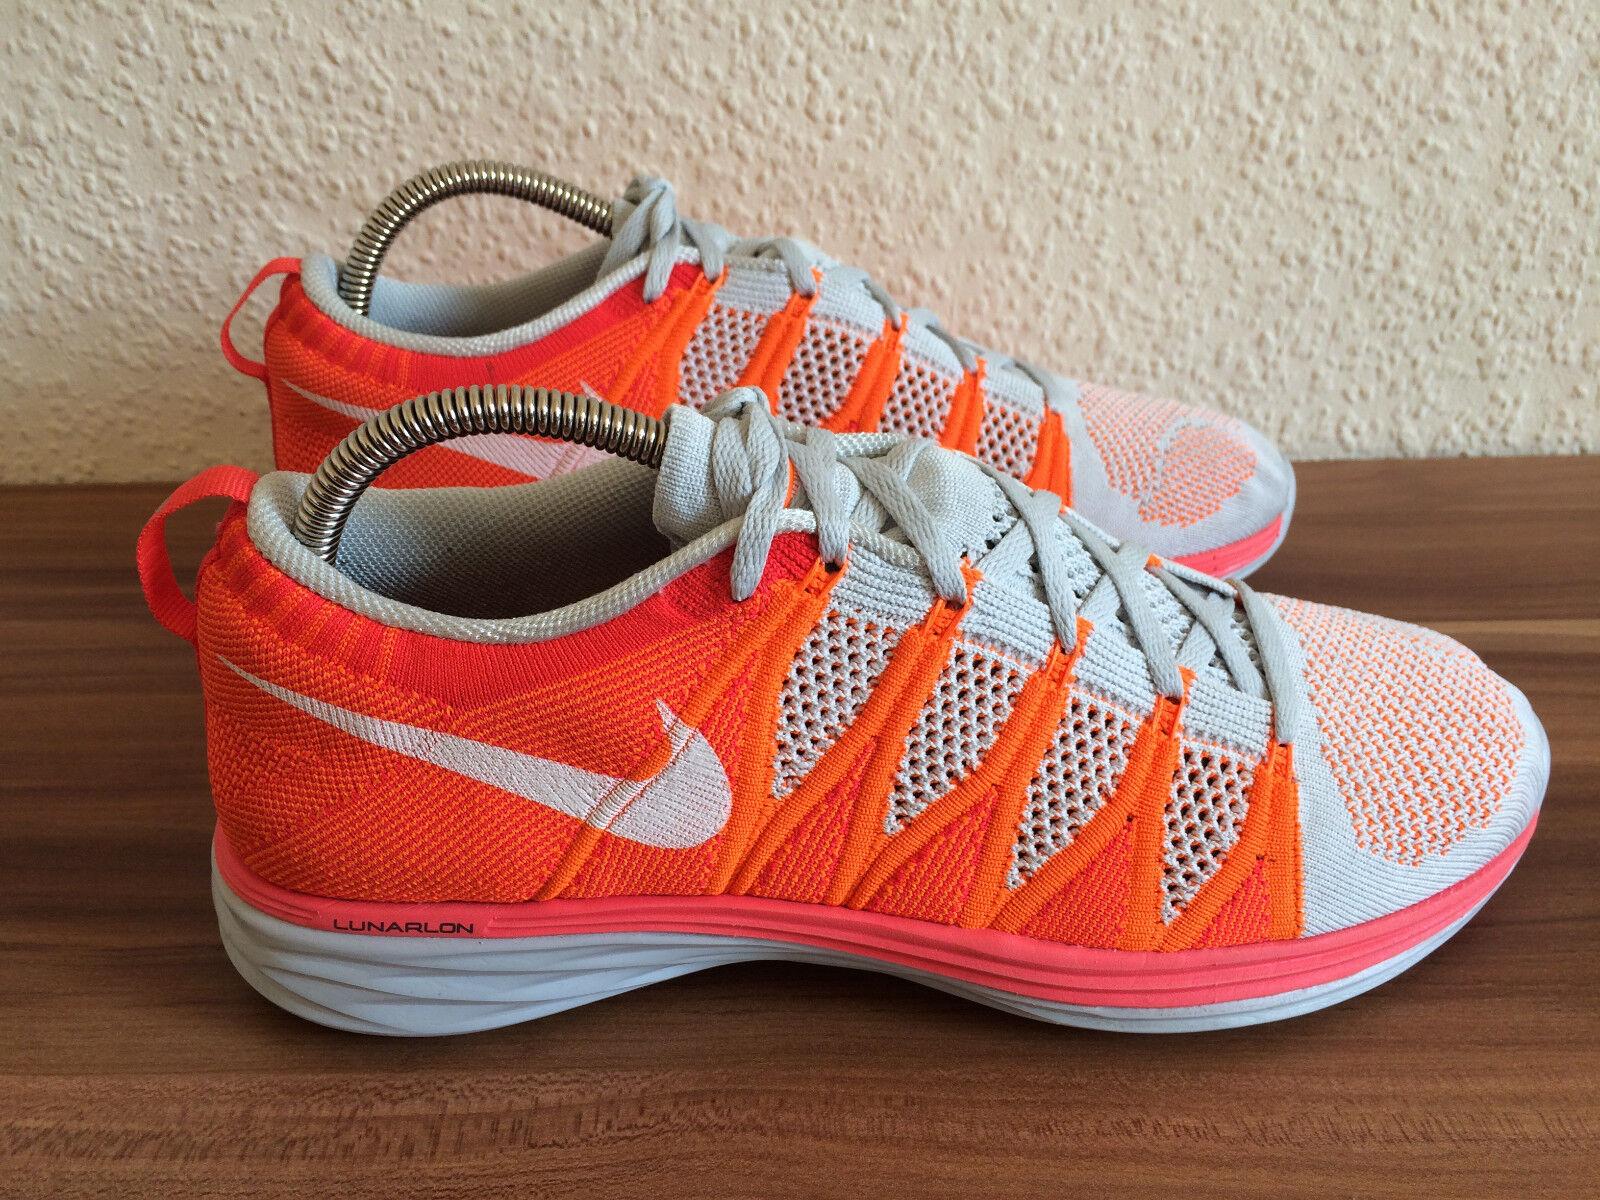 Super Nike Flyknit Lunar 2 Herren Turnschuhe Schuhe Sportschuhe Gr. 44,5   UK 9,5     |  | Ausgang  | Maßstab ist der Grundstein, Qualität ist Säulenbalken, Preis ist Leiter